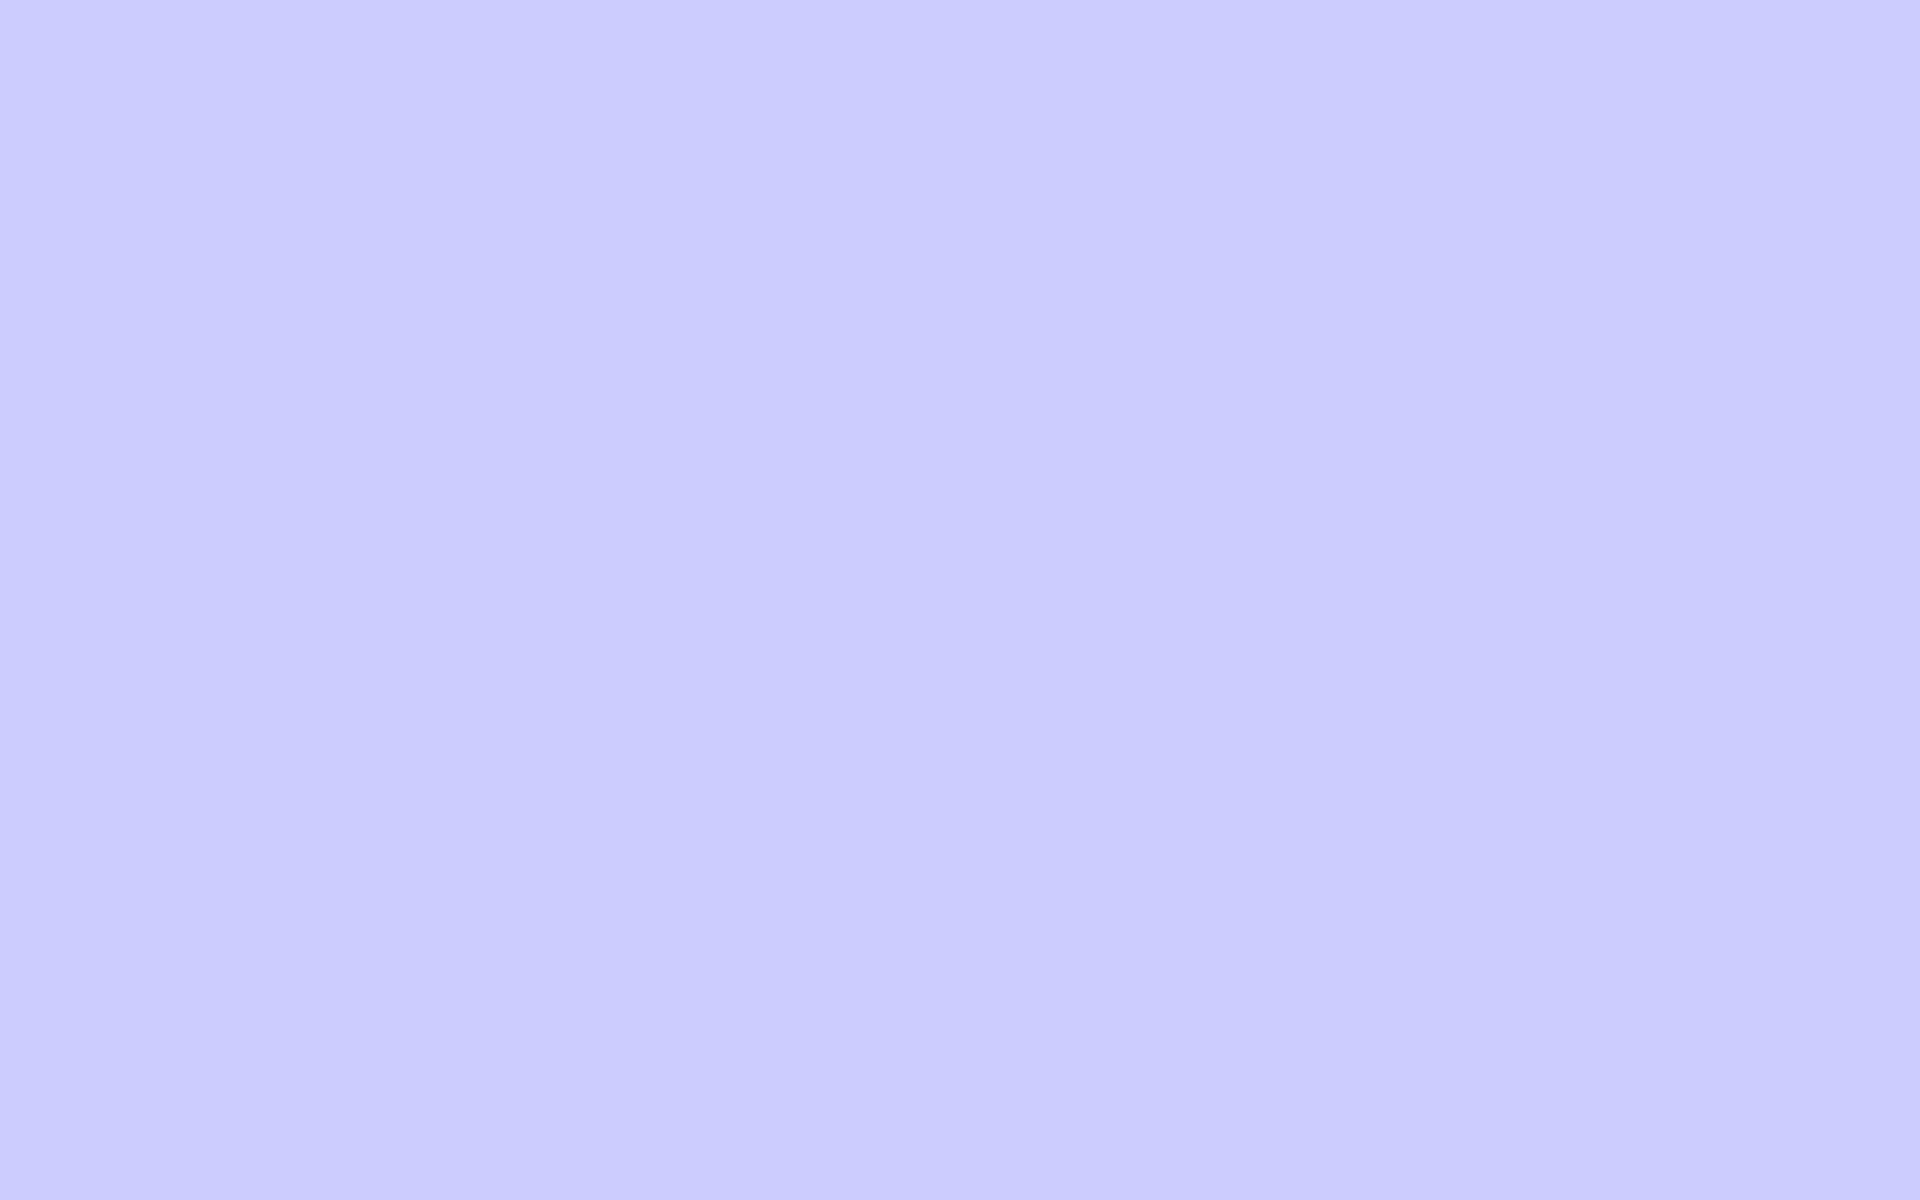 1920x1200 Lavender Blue Solid Color Background